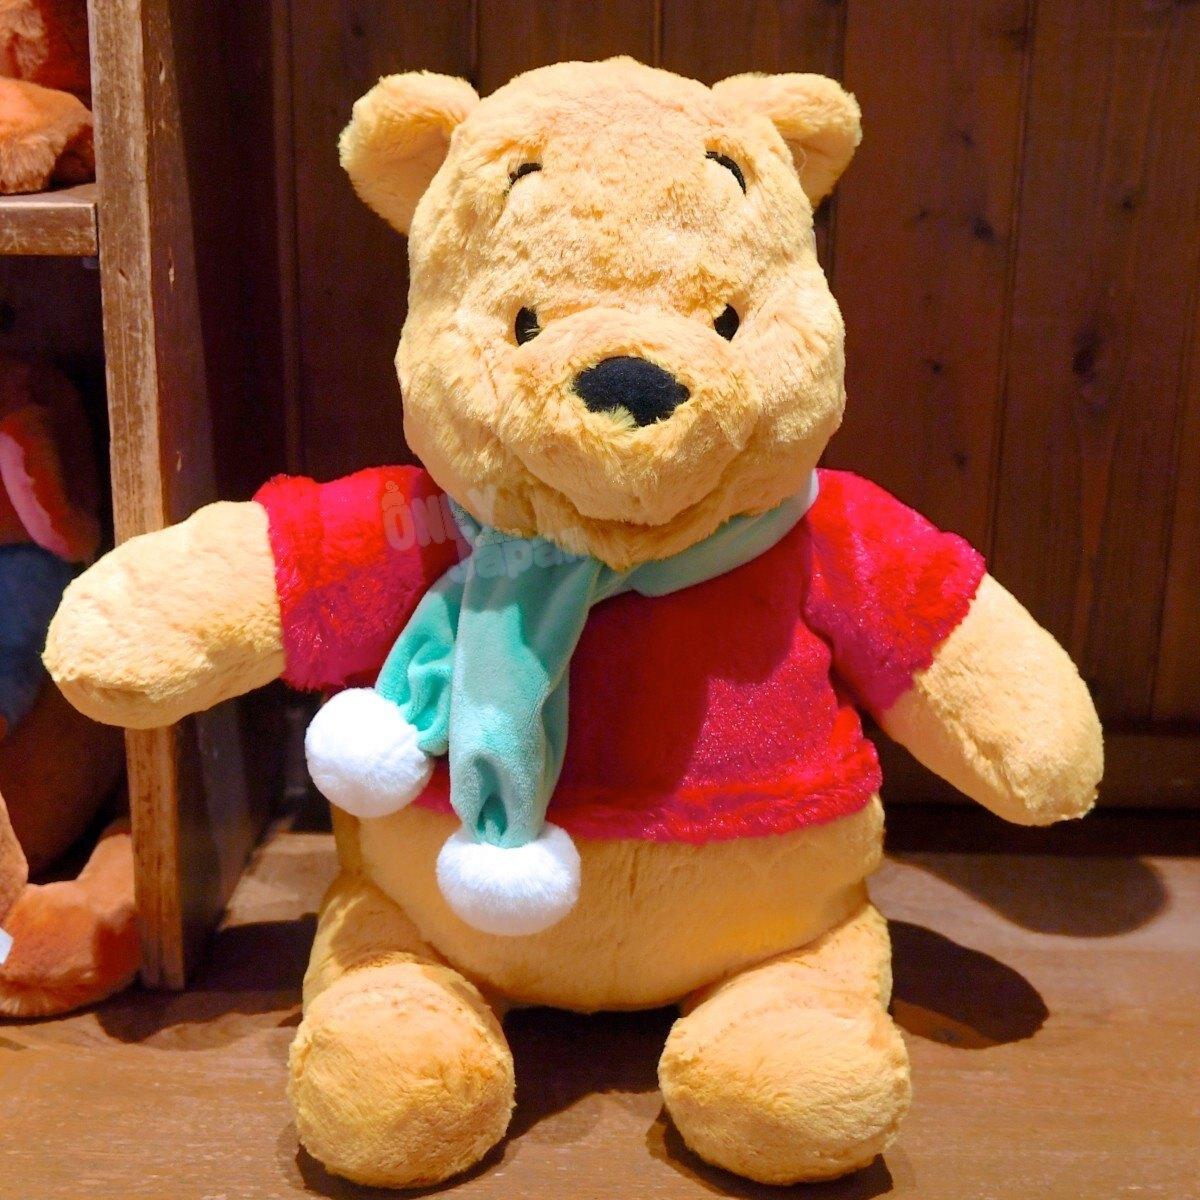 【真愛日本】小熊維尼 pooh 東京迪士尼樂園帶回 擺飾 收藏 娃娃 布偶 401230125745 樂園限定絨毛暖手娃-PH圍巾笑